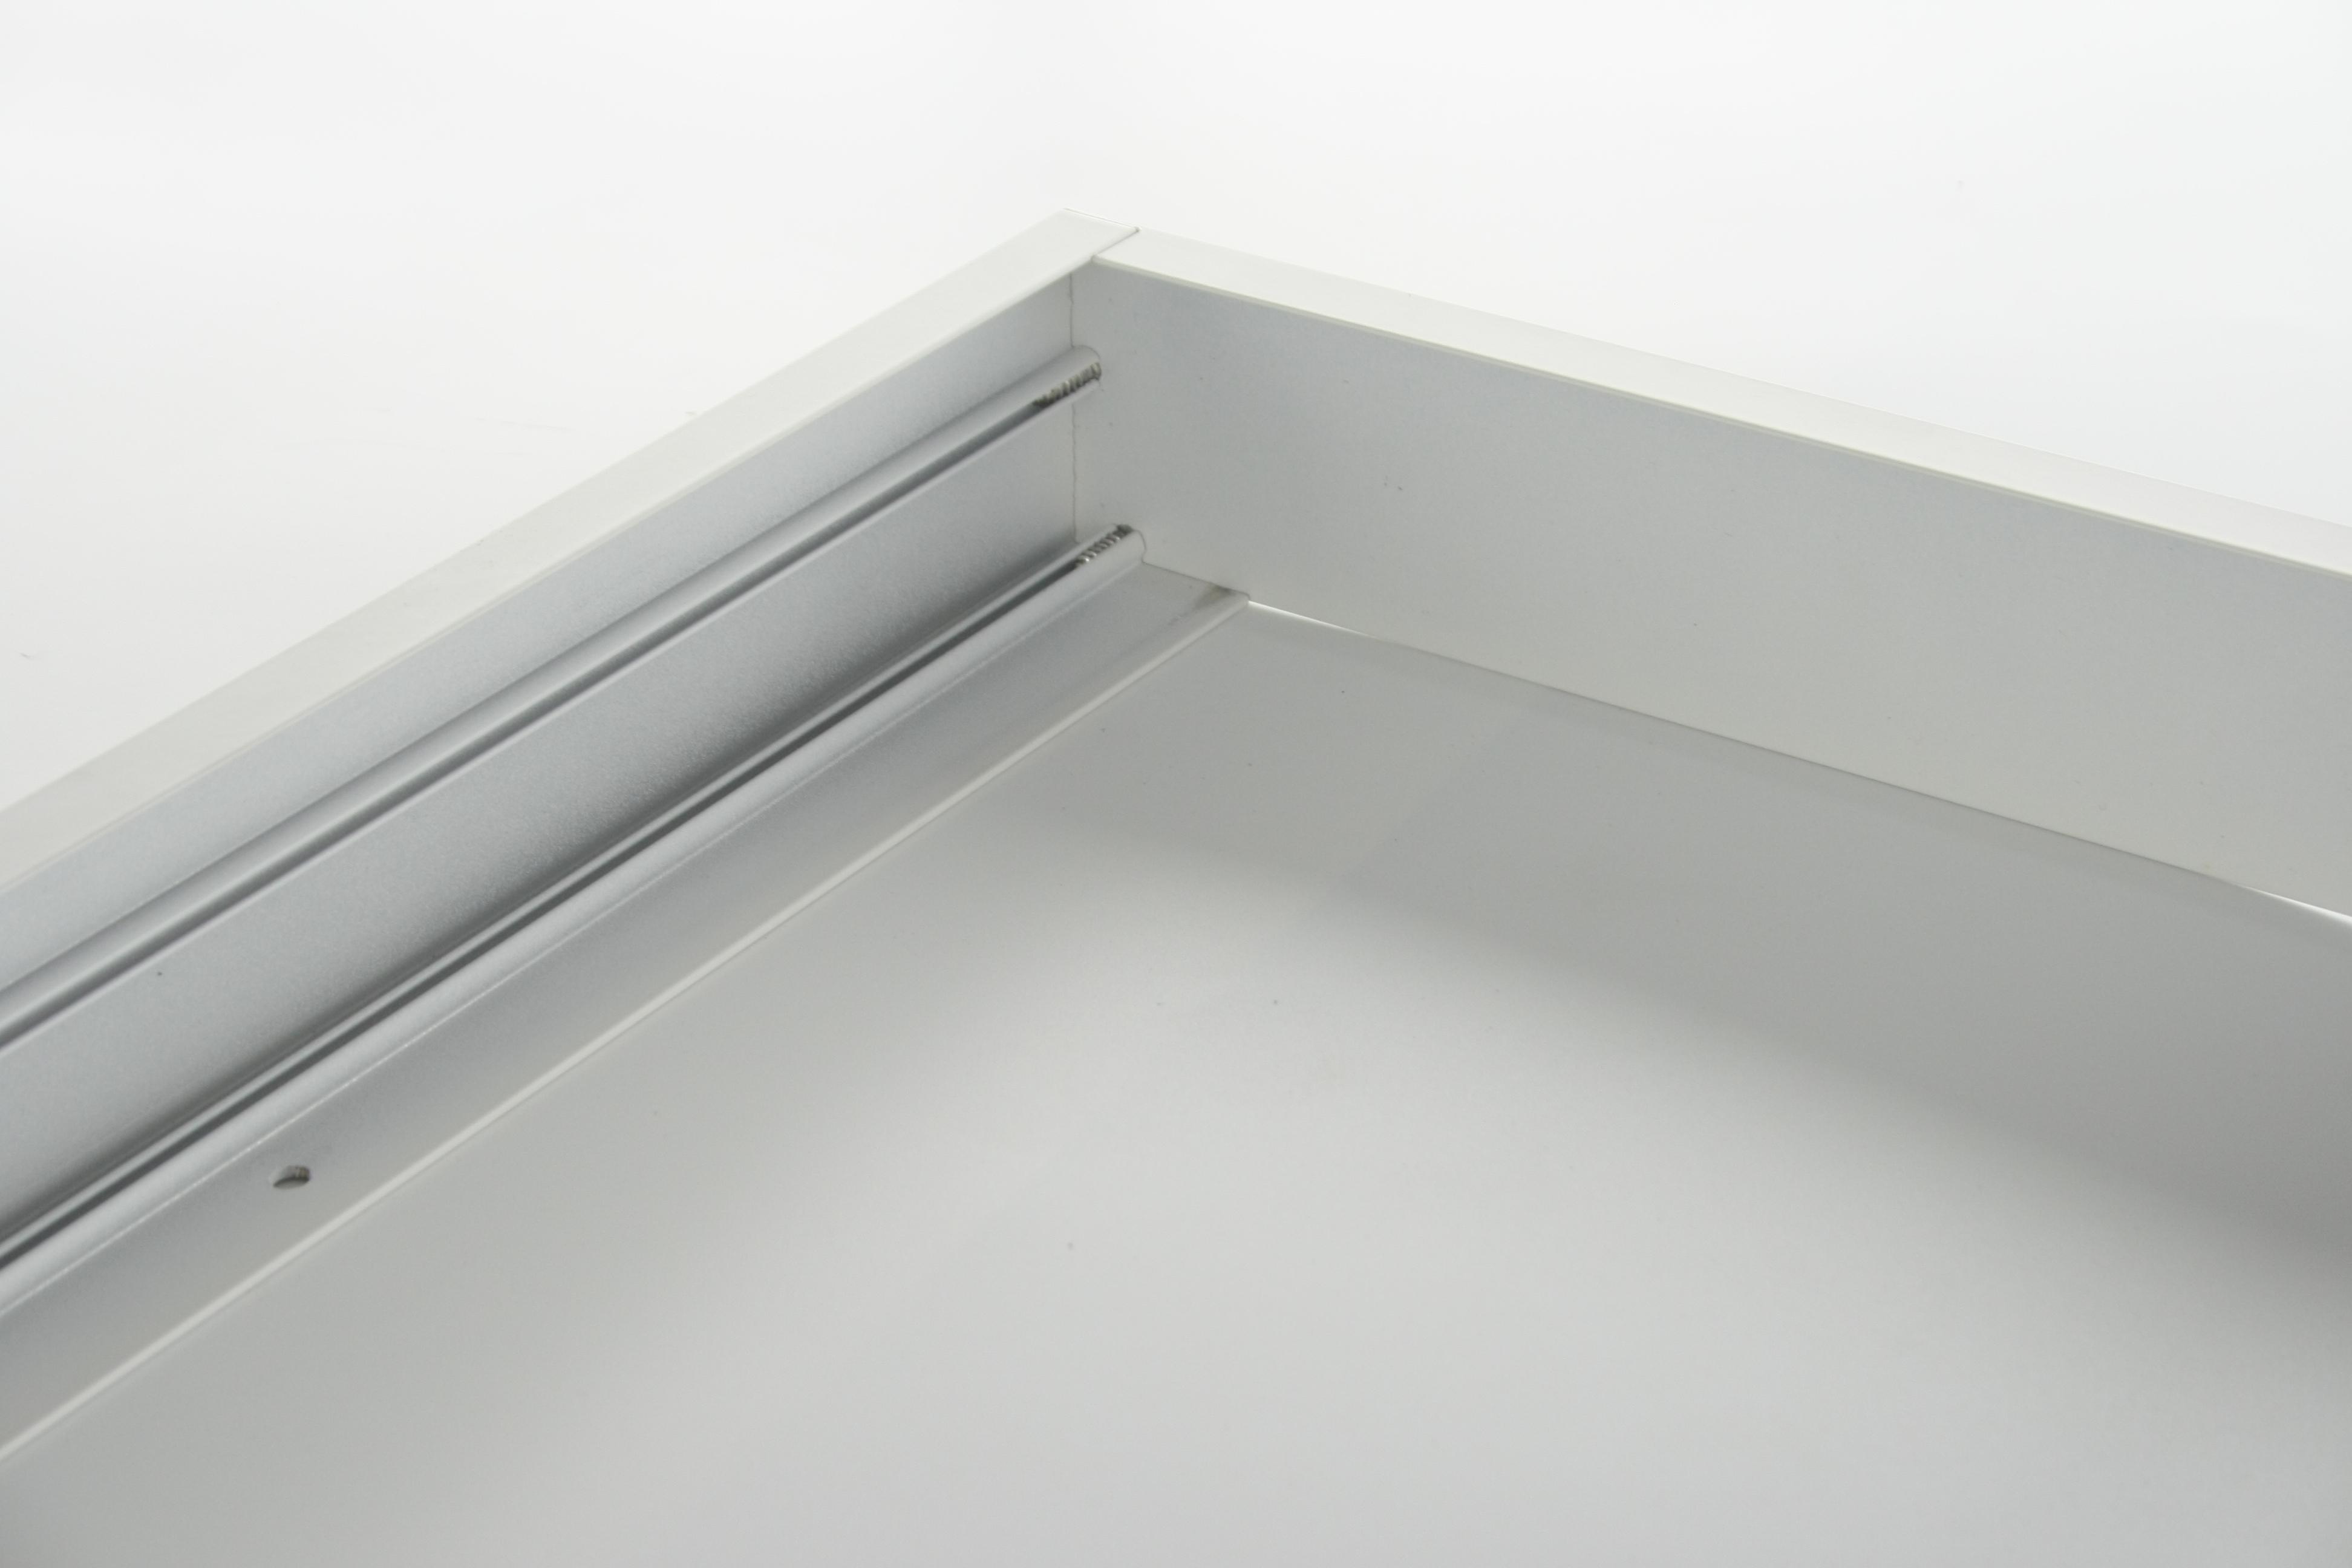 Livraison Gratuite Surface Montée Cadre Cadre 300x1200X50mm en aluminium matériau super mince conception blanc couleur argent est disponible